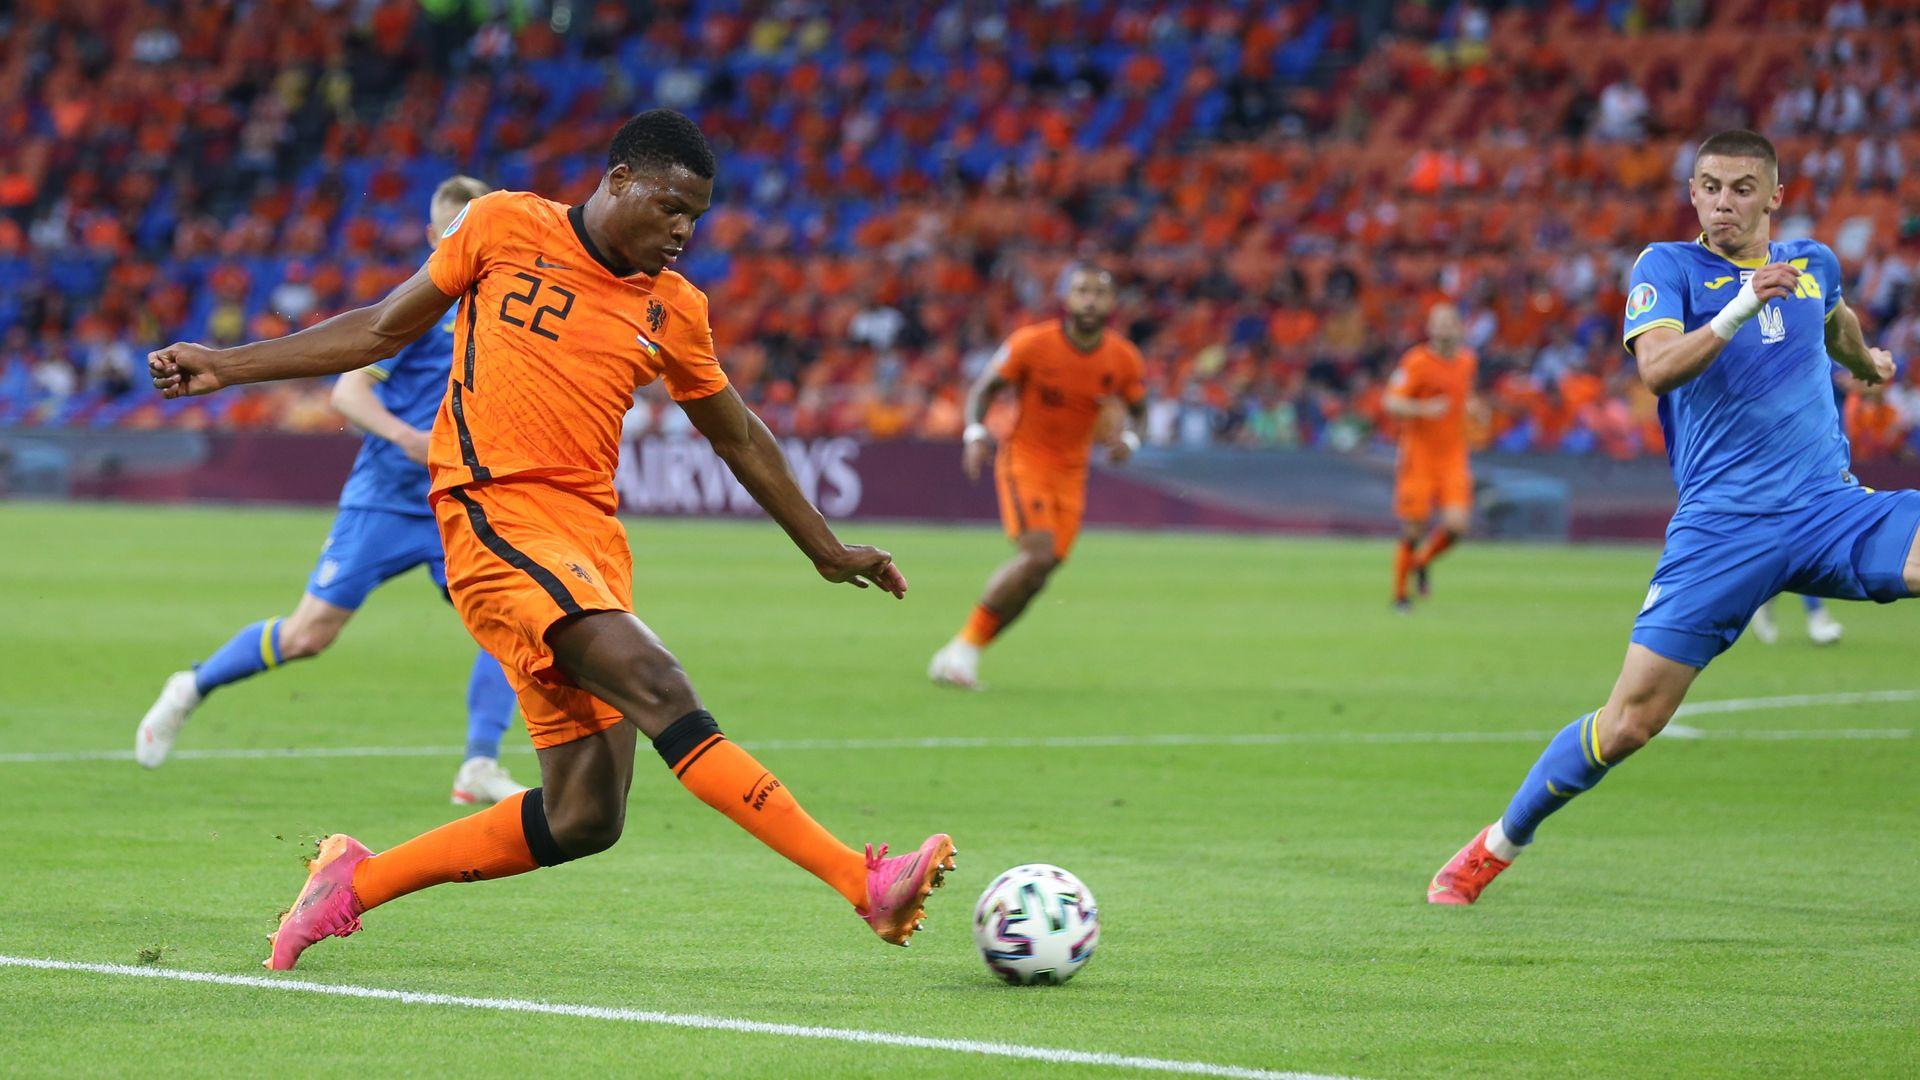 Hà Lan là đội duy nhất chắc ngôi nhất bảng sau hai lượt trận. Ảnh: KNVB